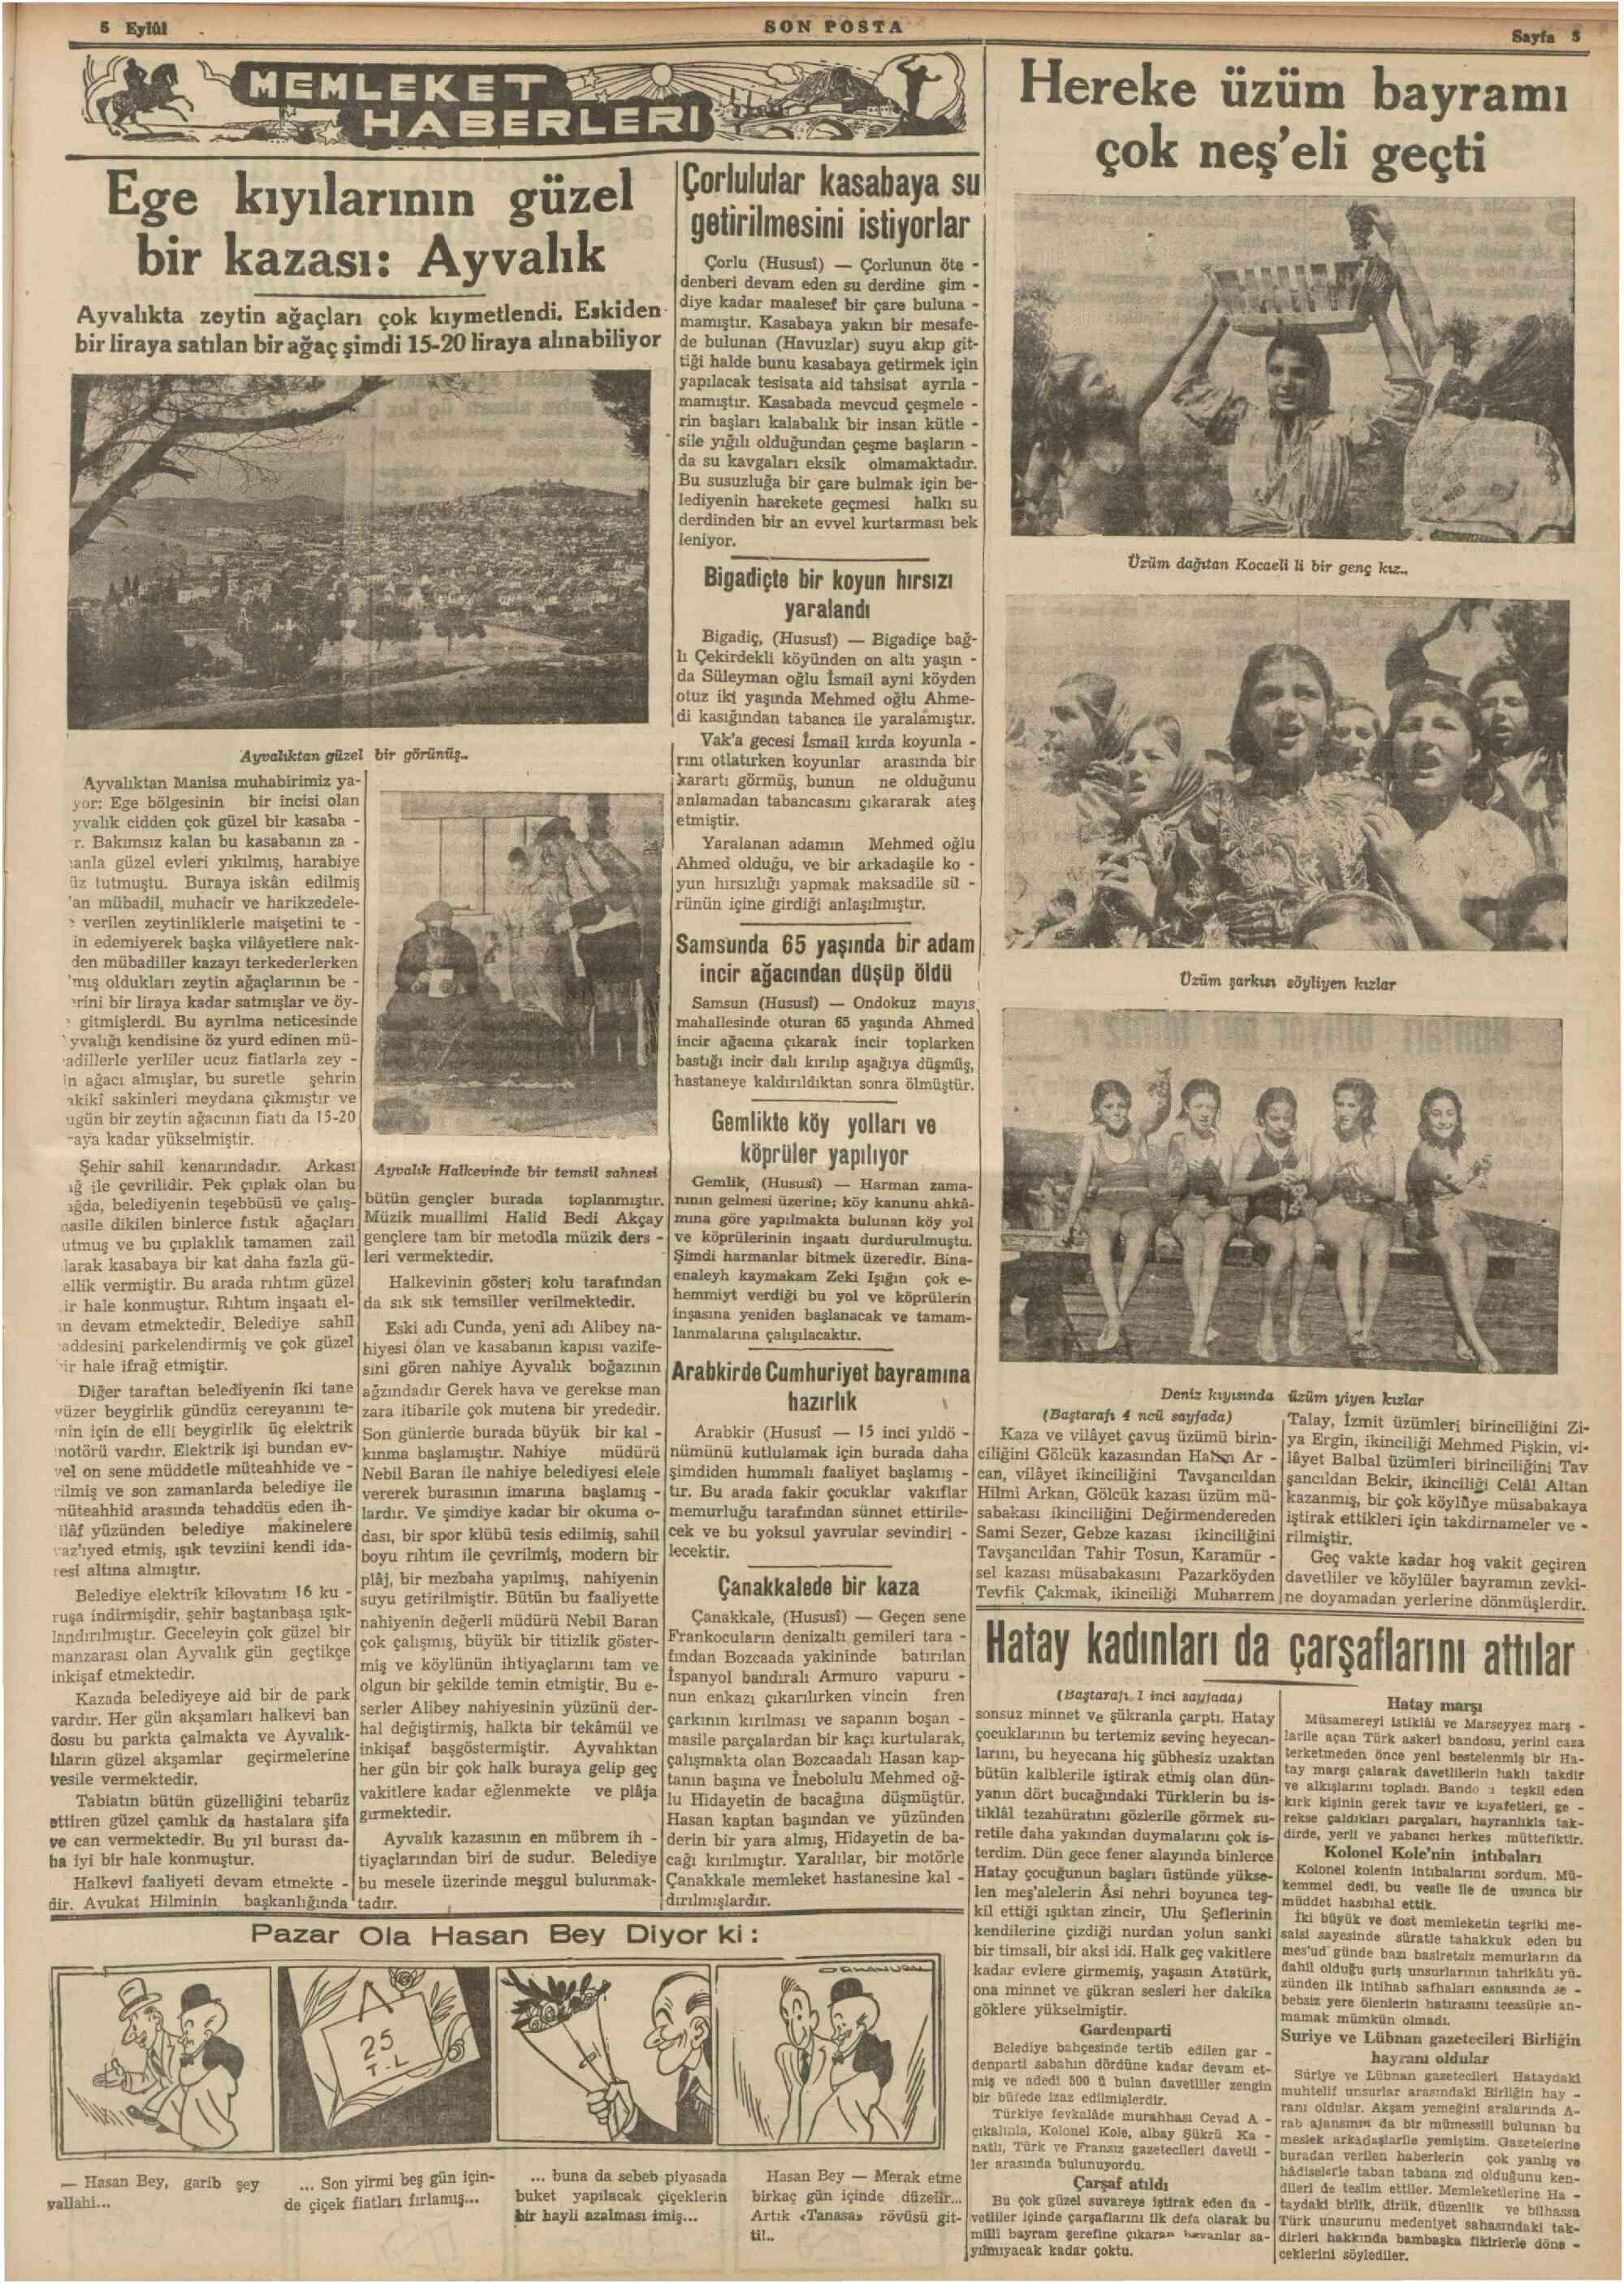 5 Eylül 1938 Tarihli Son Posta Dergisi Sayfa 5